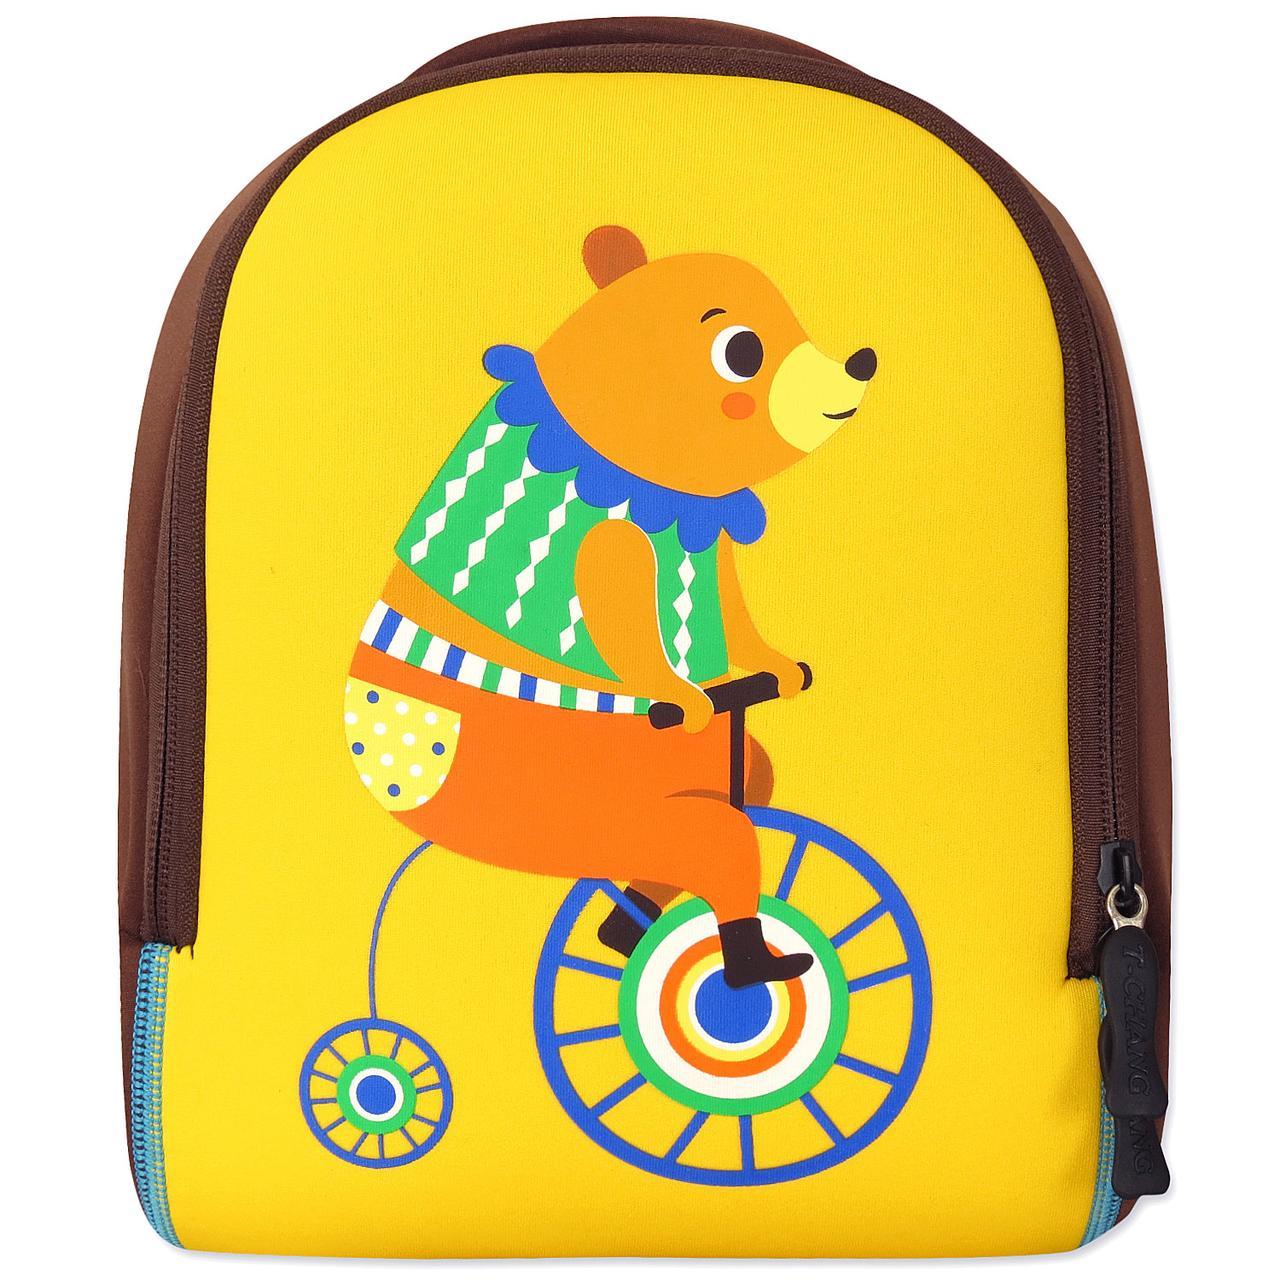 Детский рюкзак - Цирковой медведь Tochang. рюкзак игрушка